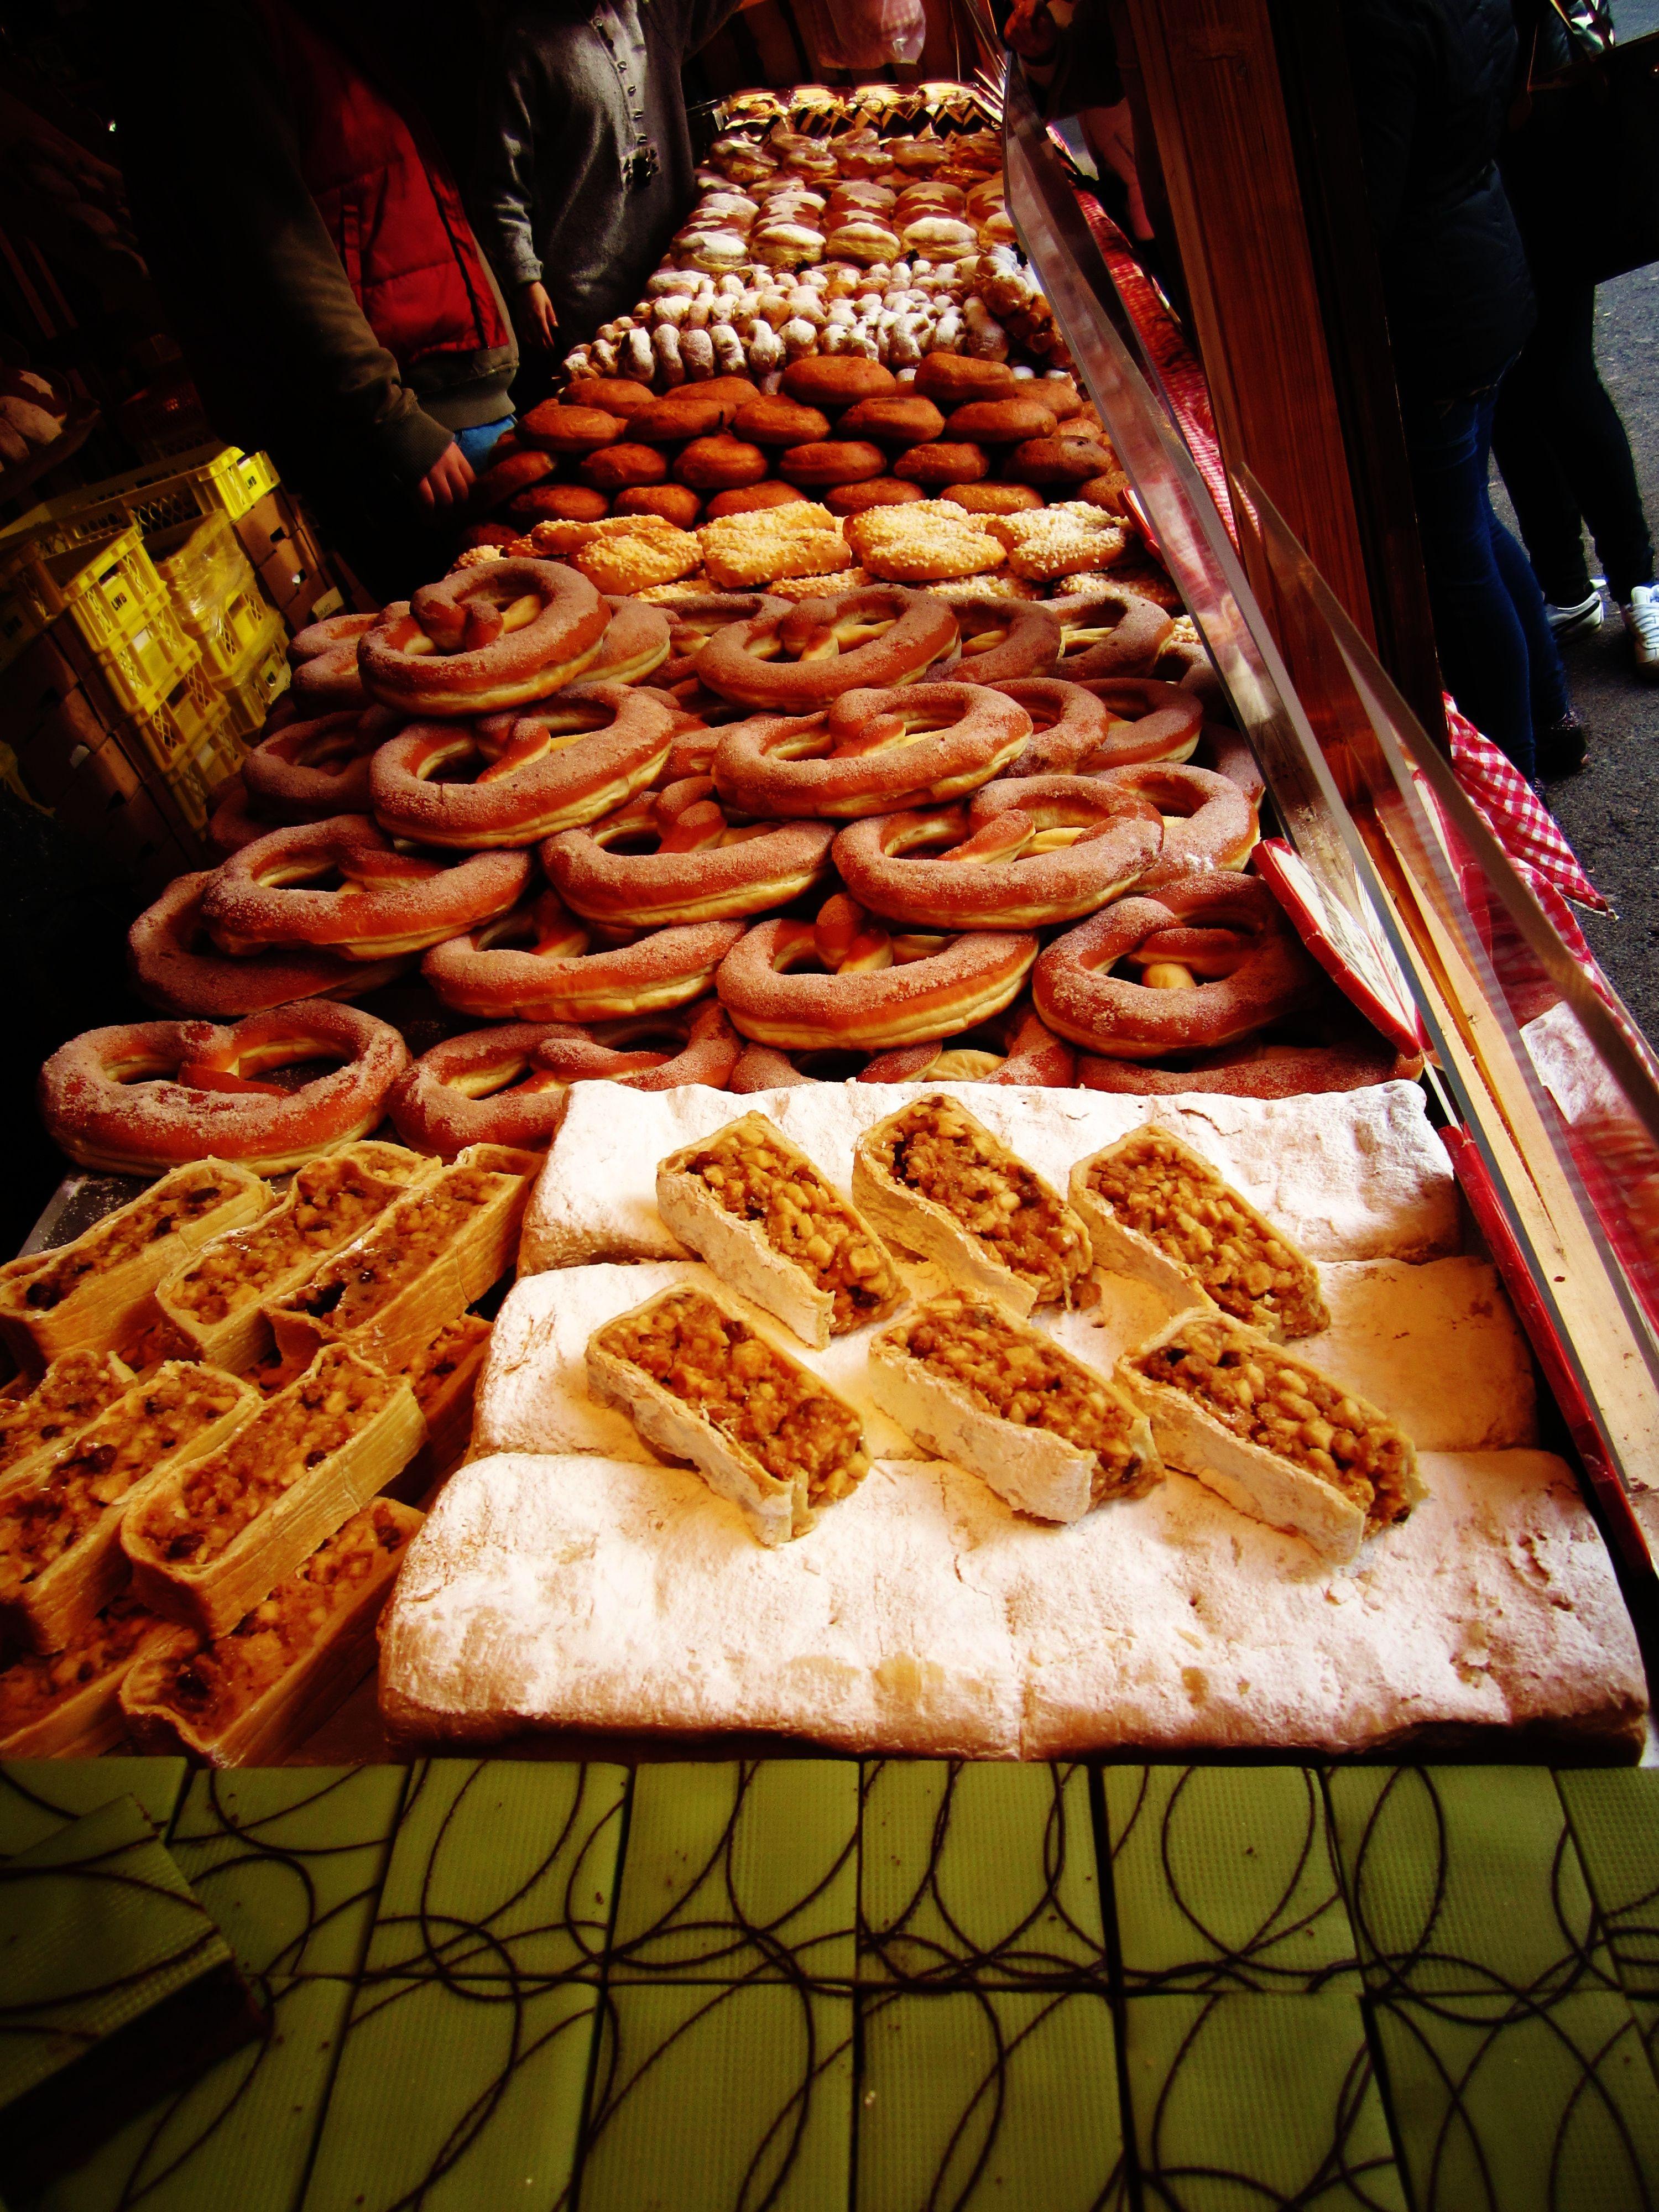 Christmas market treatsViennaAustria Christmas market